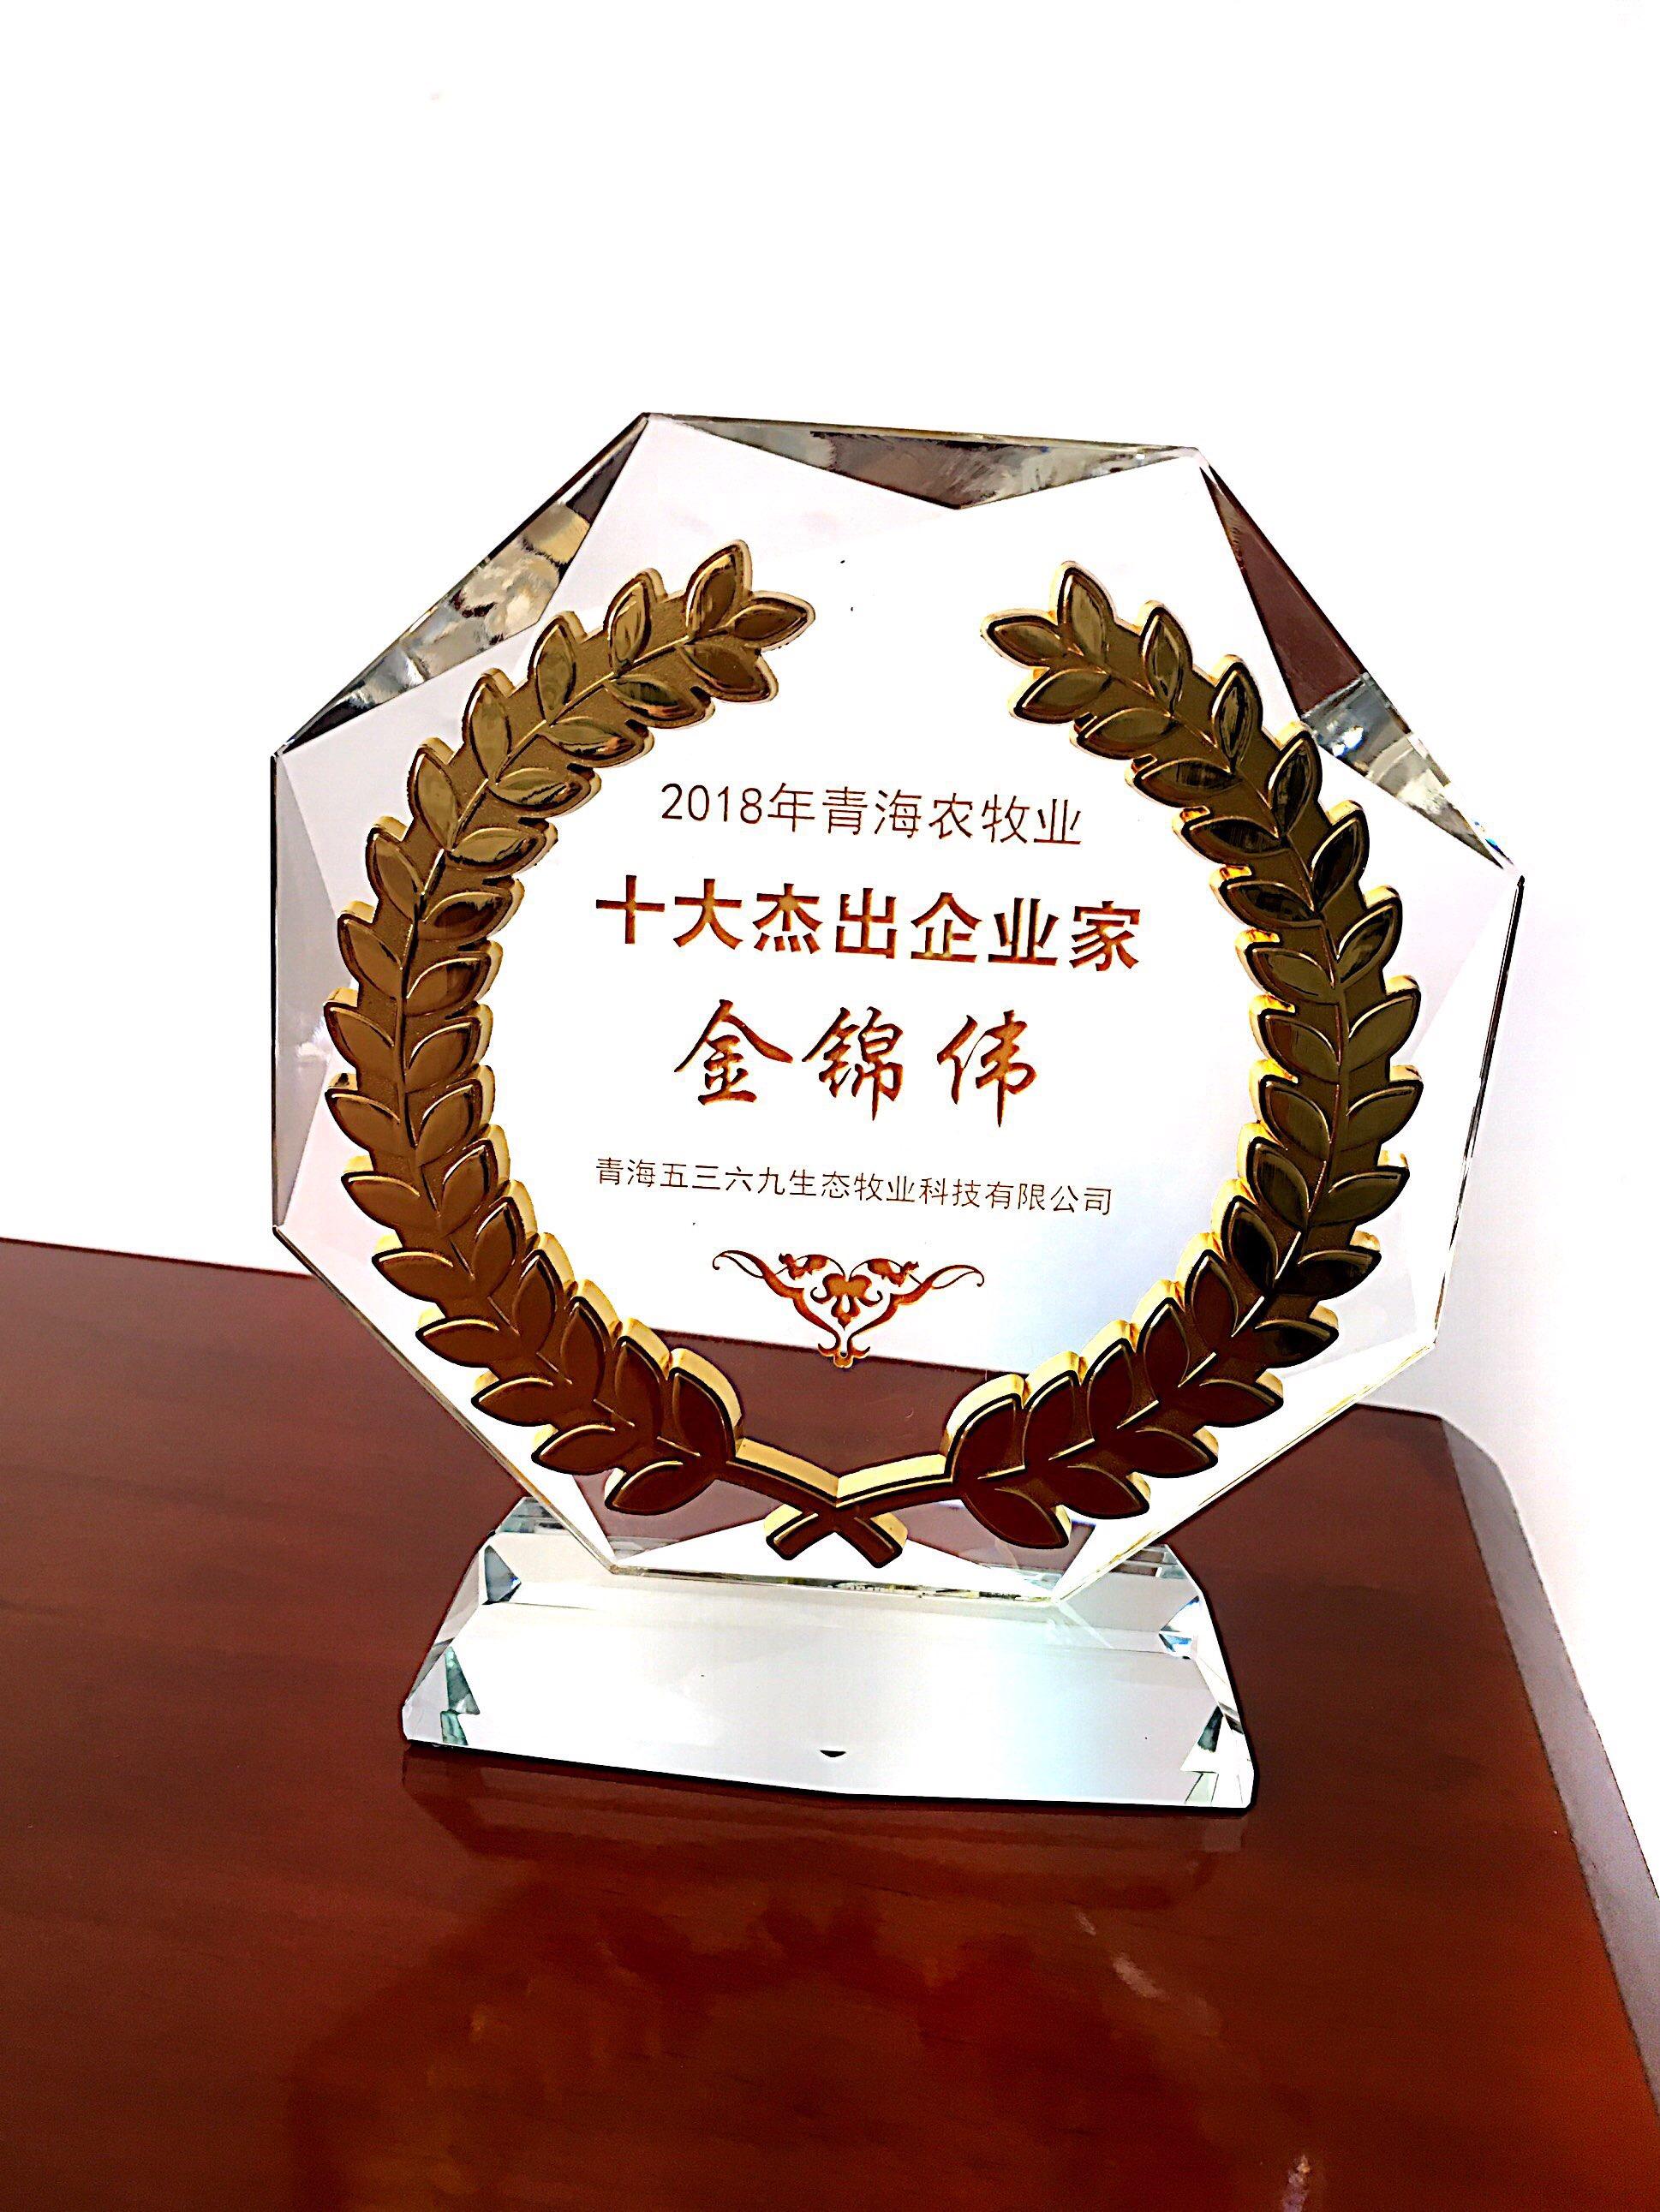 2018中国青海农牧业十大杰出企业家